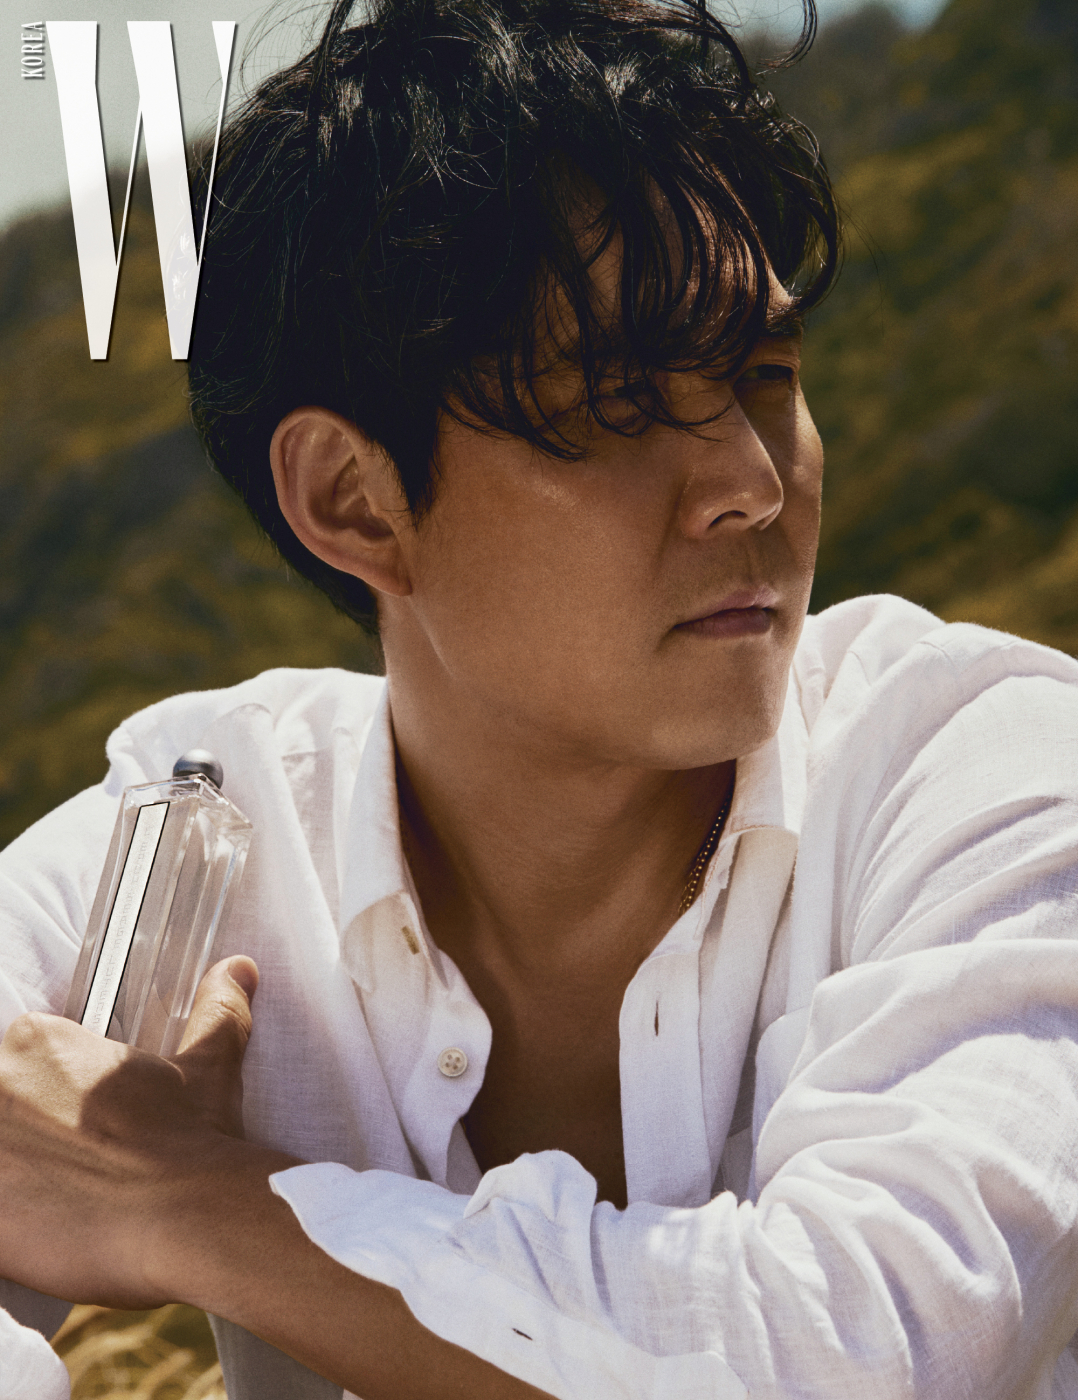 물을 닮은 듯 투명한 Serge Lutens 로 세르주 루텐, 더운 여름날을 청명하게 만들어줄 맑은 느낌의 향수는 햇볕에 바짝 말린 하얀 셔츠와 막 샤워를 마치고 나온 직후의 상쾌함을 연상시킨다. 셔츠는 Vilebrequin 제품.